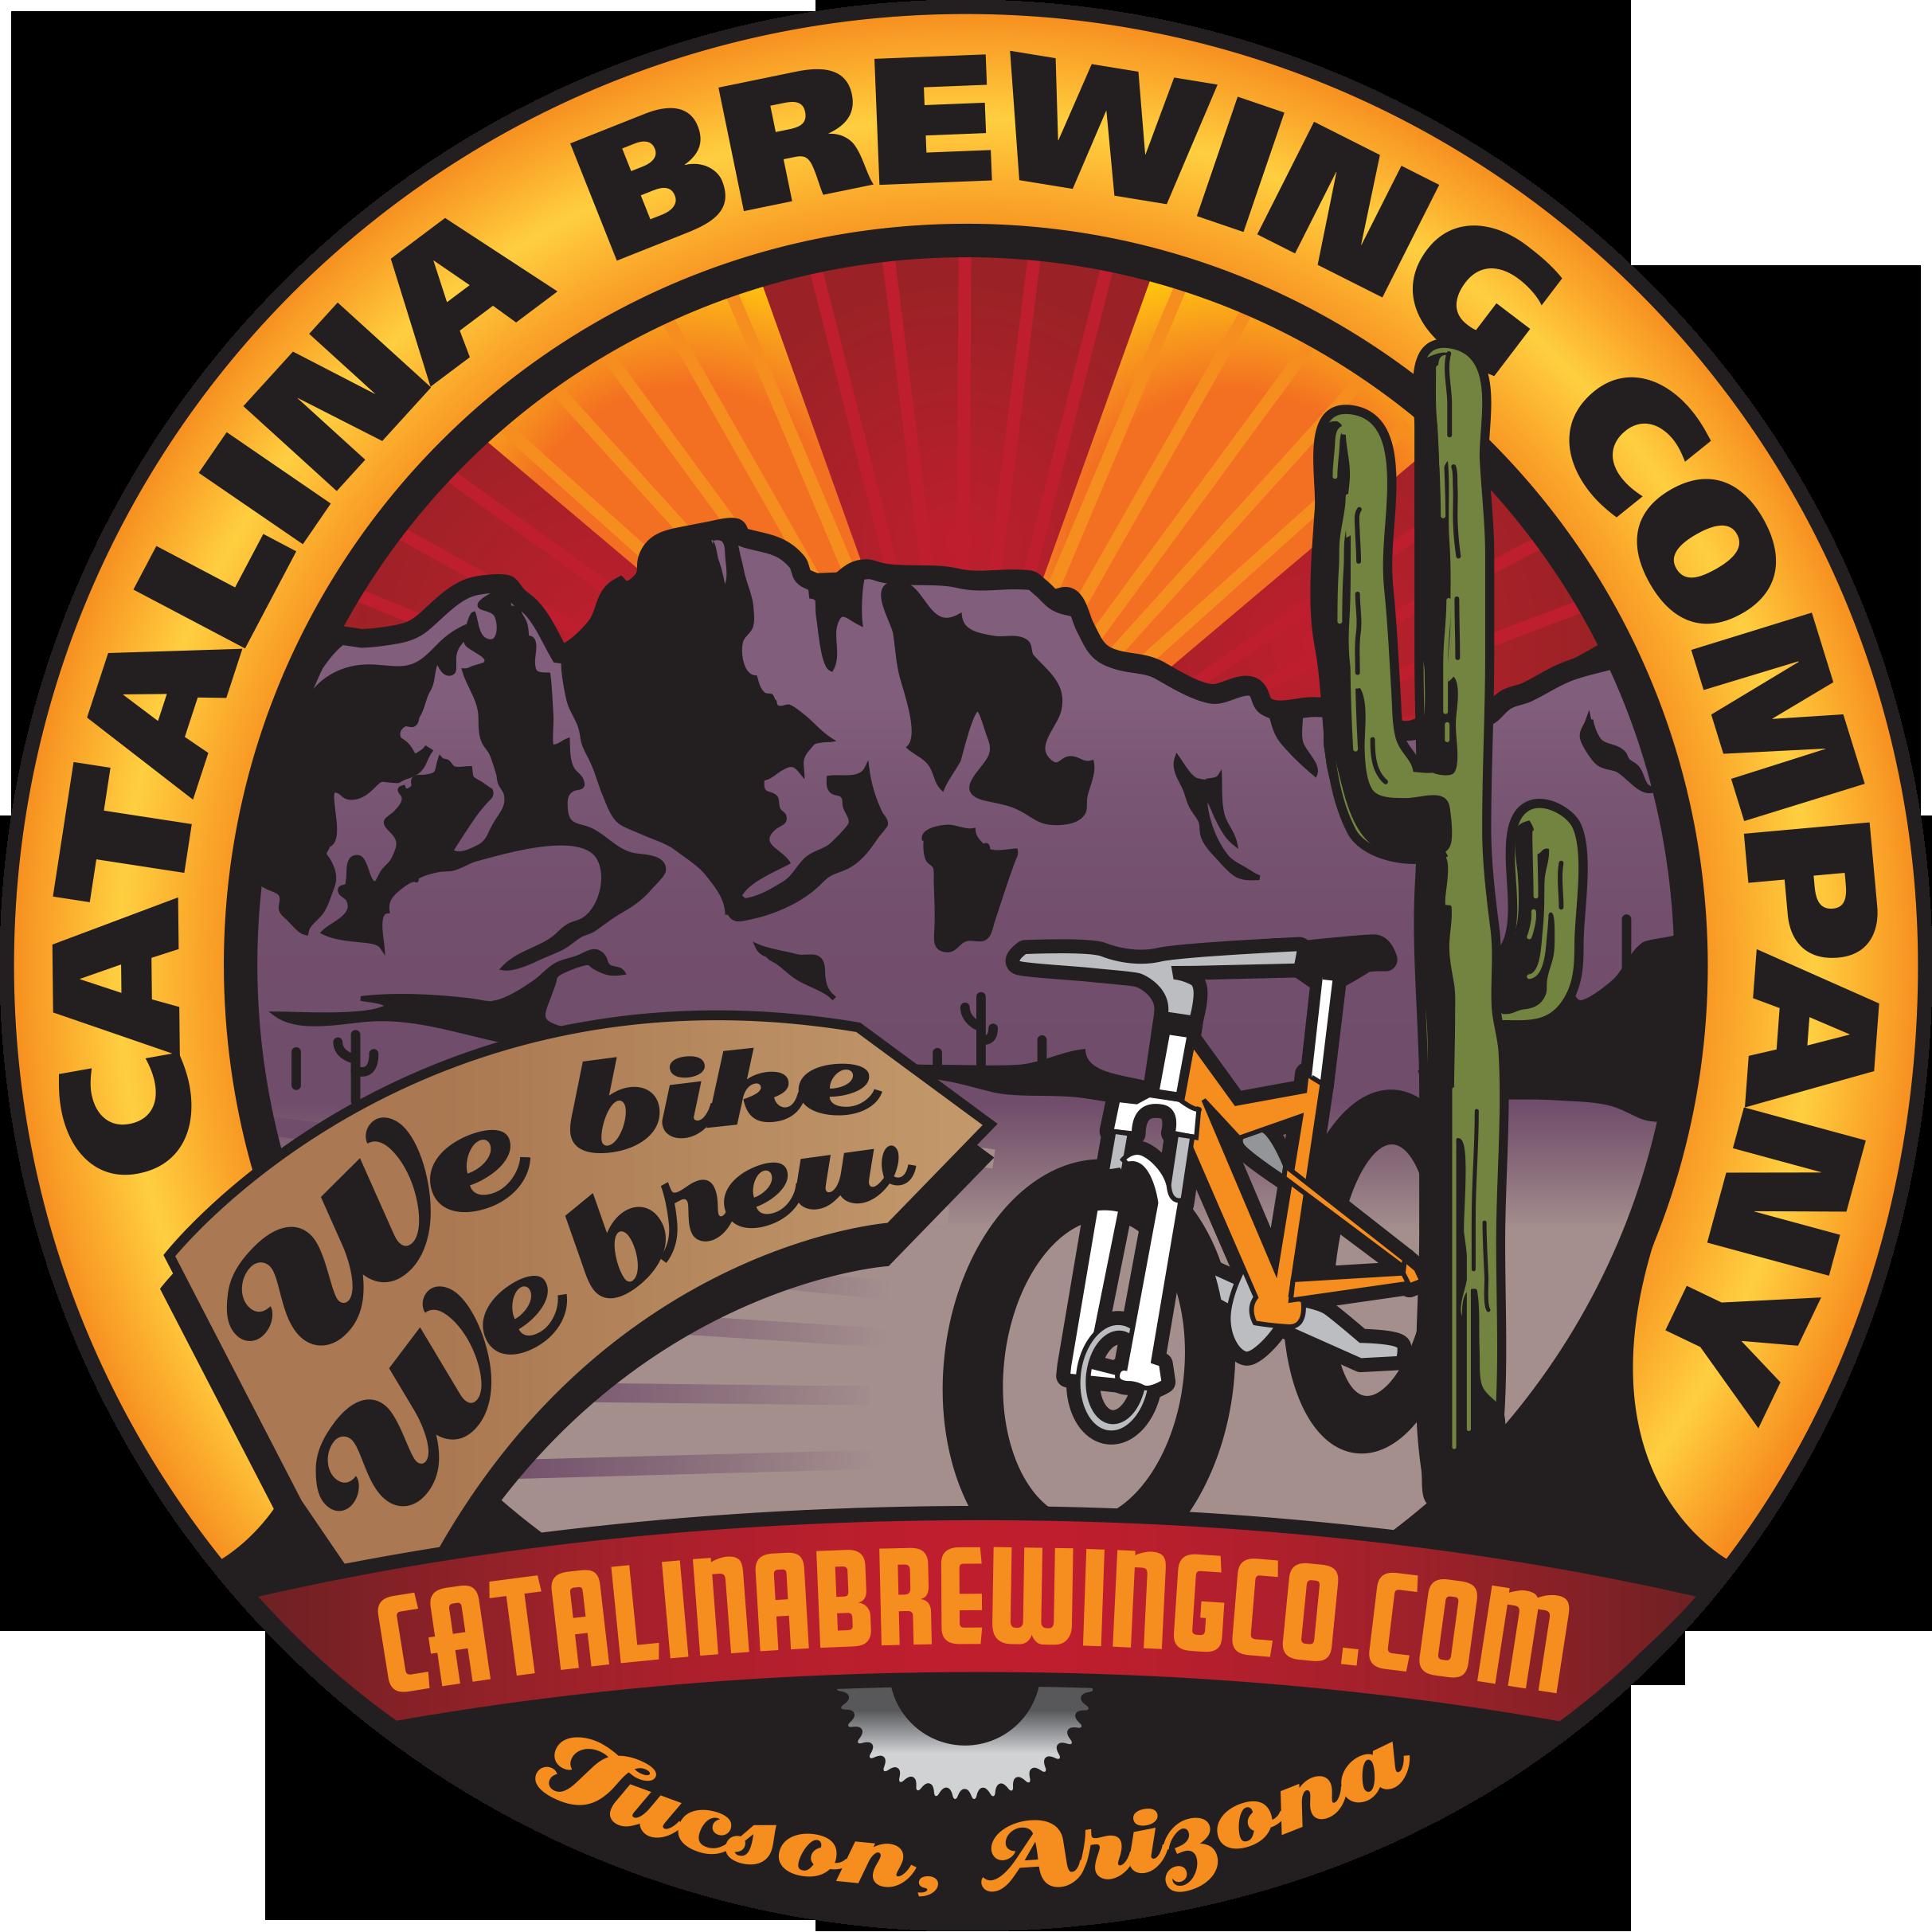 CatalinaBrewingCo-Color-NewLogo.png